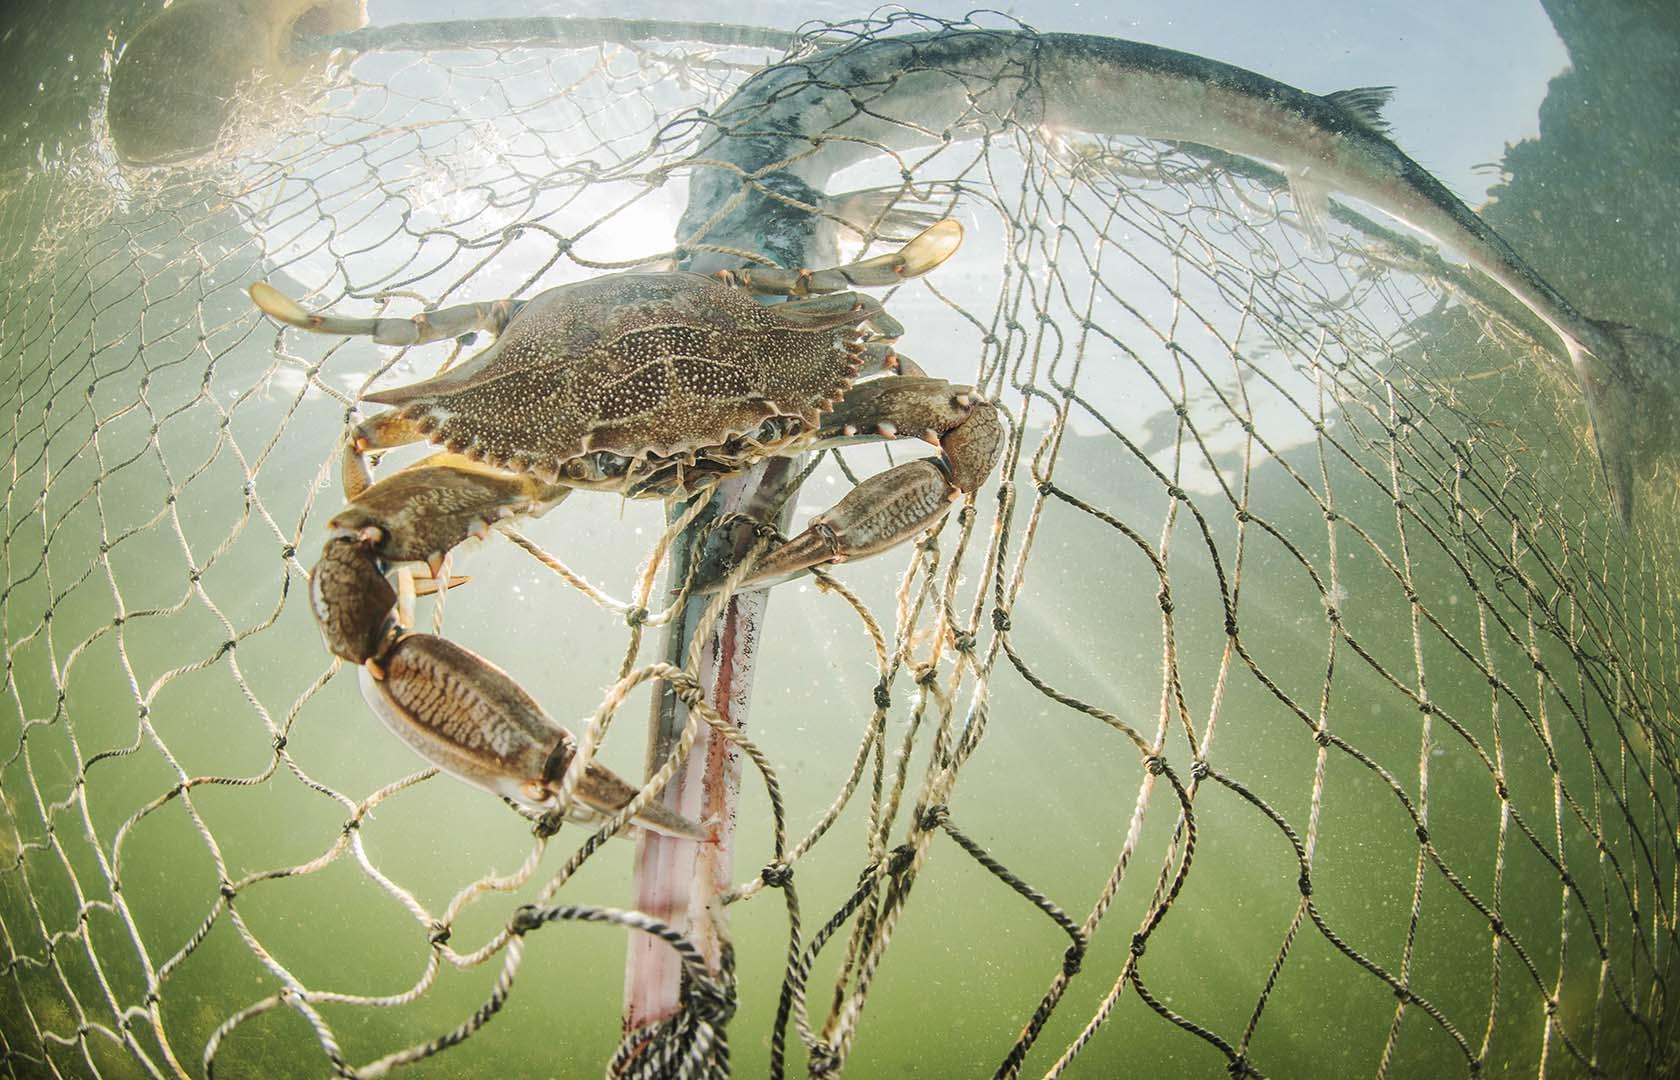 Ejemplar adulto enmallado en una red y devorada por una jaiba.